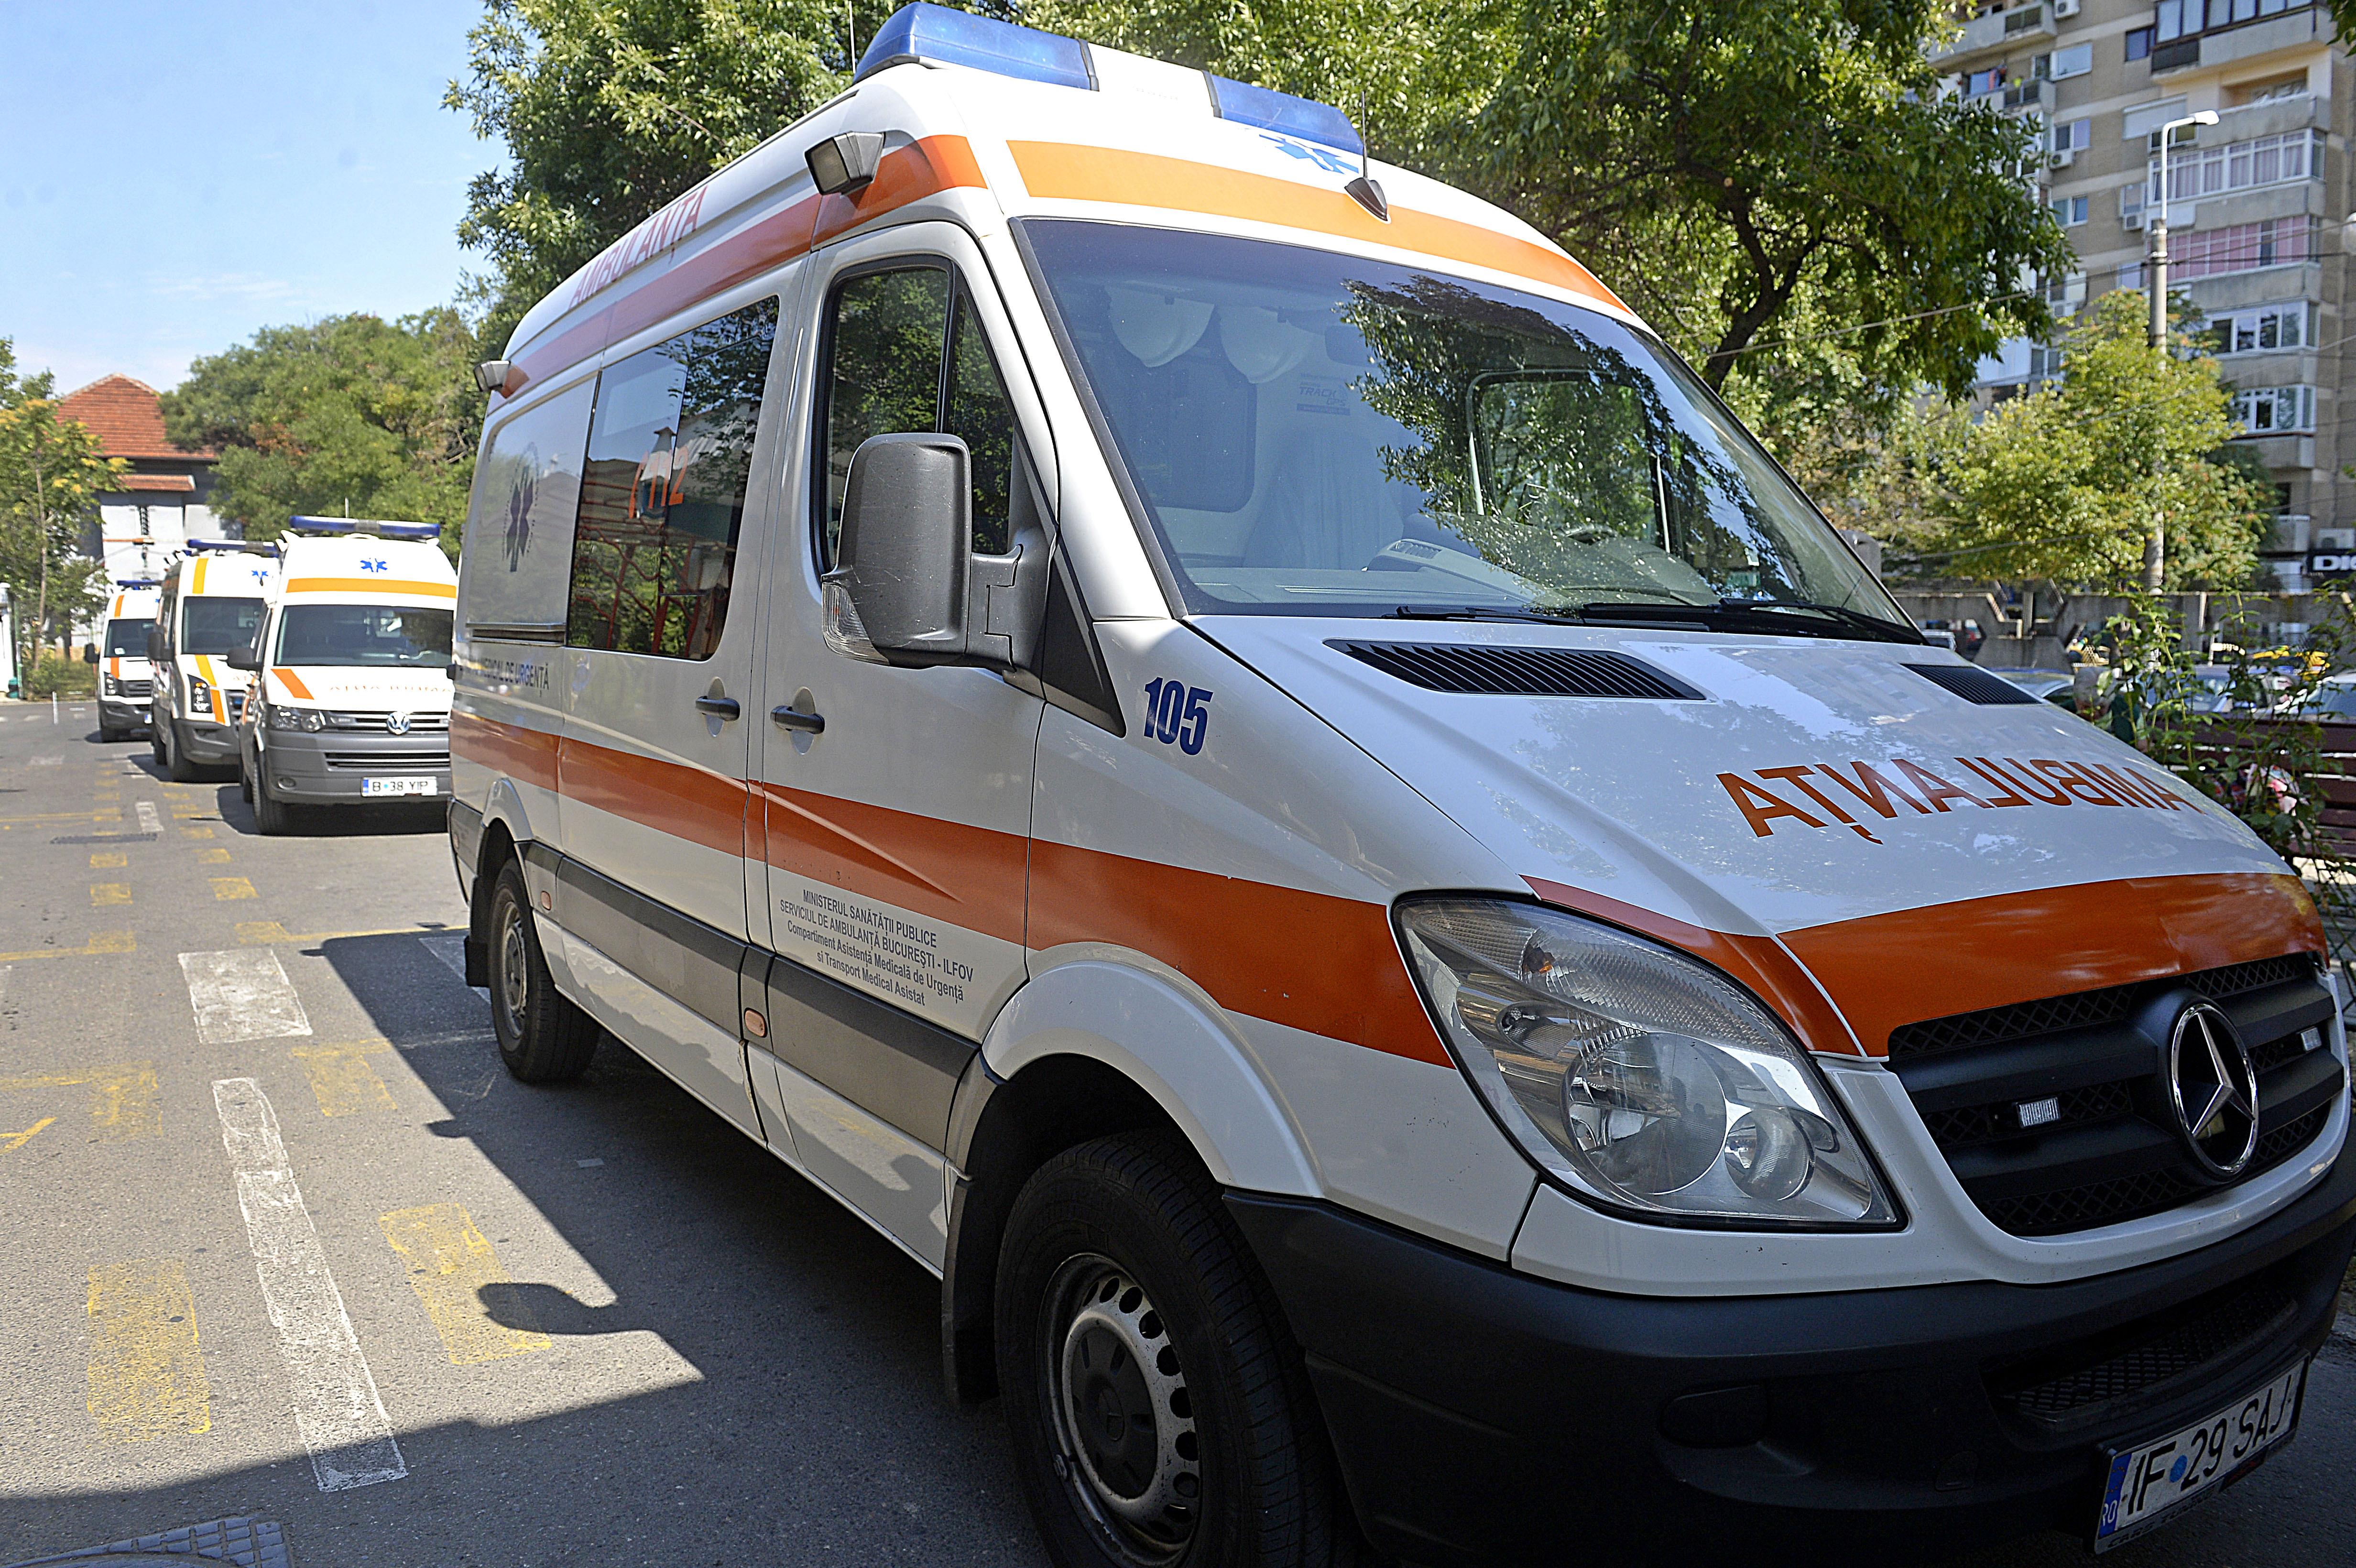 Petronela, fetiţa ai cărei părinţi au fost obligaţi să accepte tratamentul, a plecat spre spital